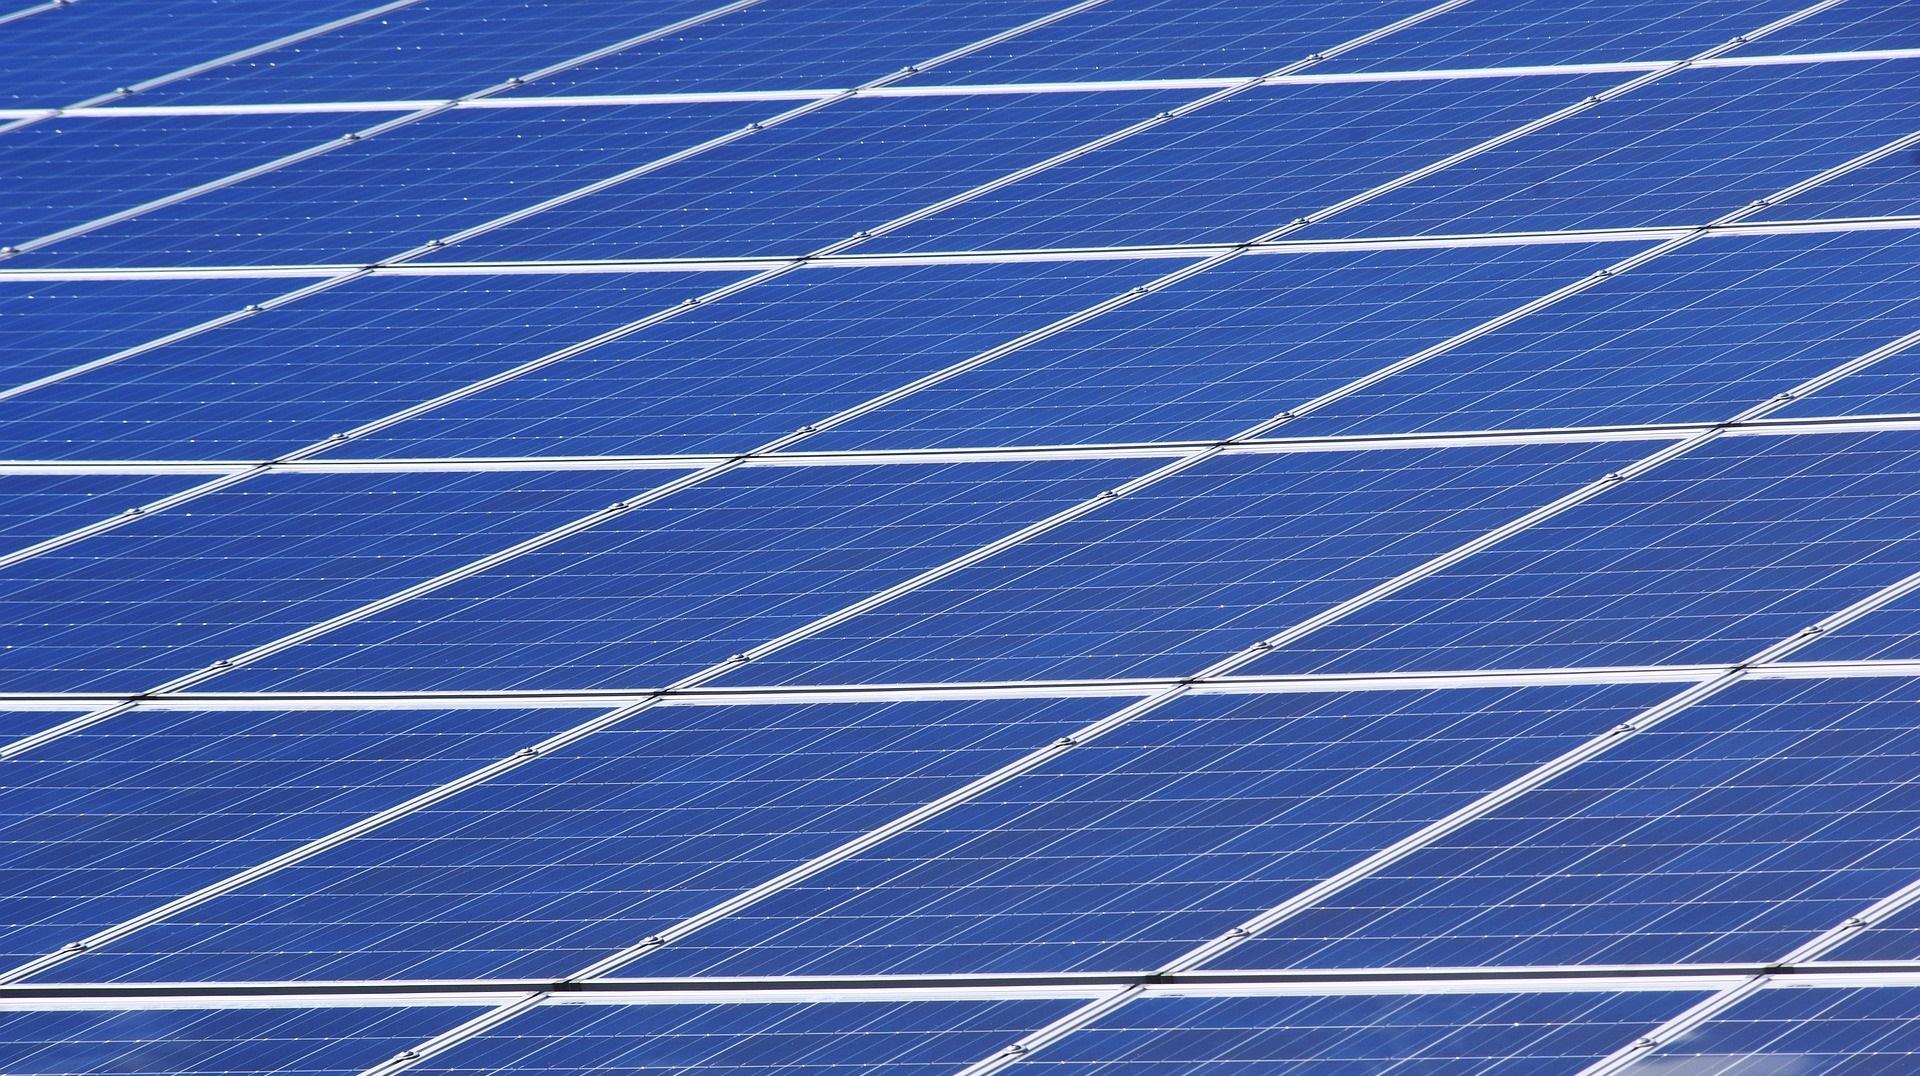 Por qué Alemania obtiene ahora récords en energía solar